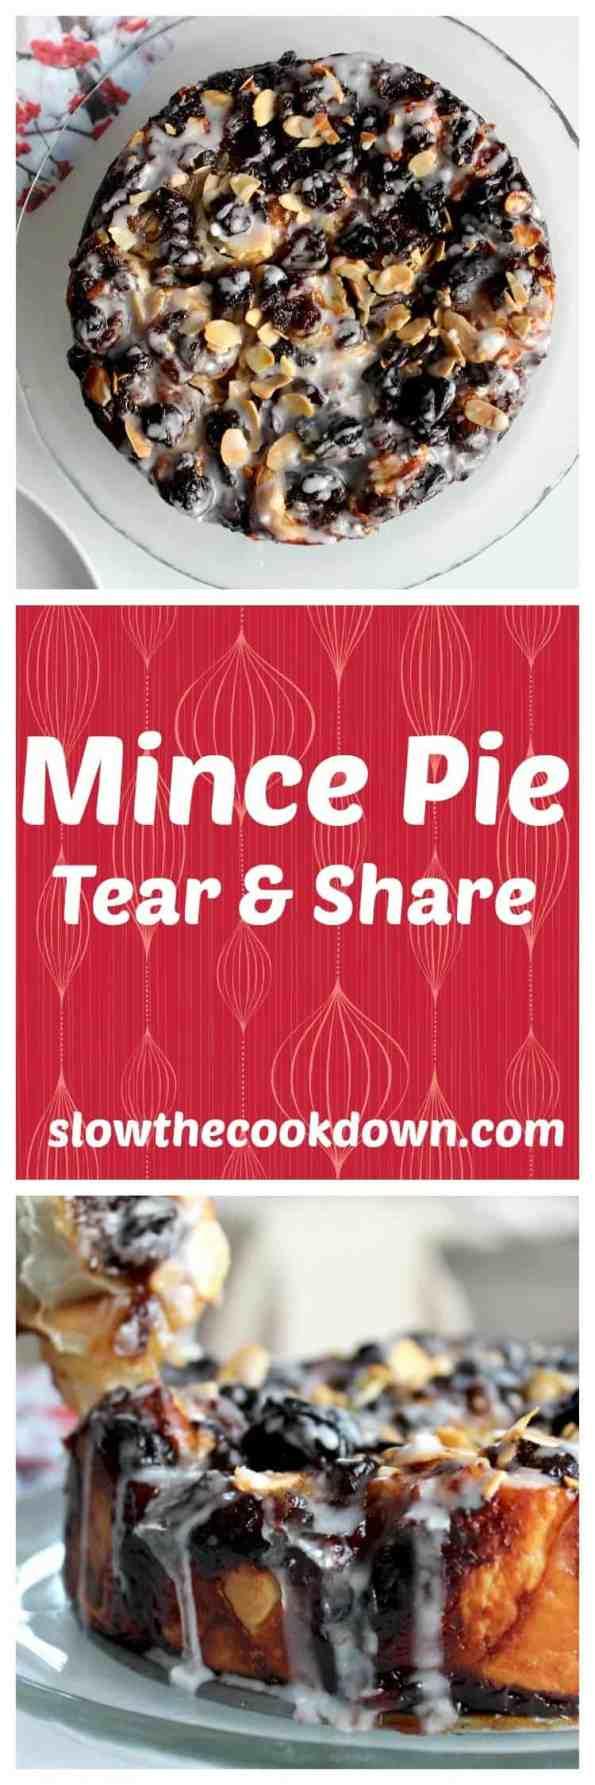 Mince Pie Tear & Share